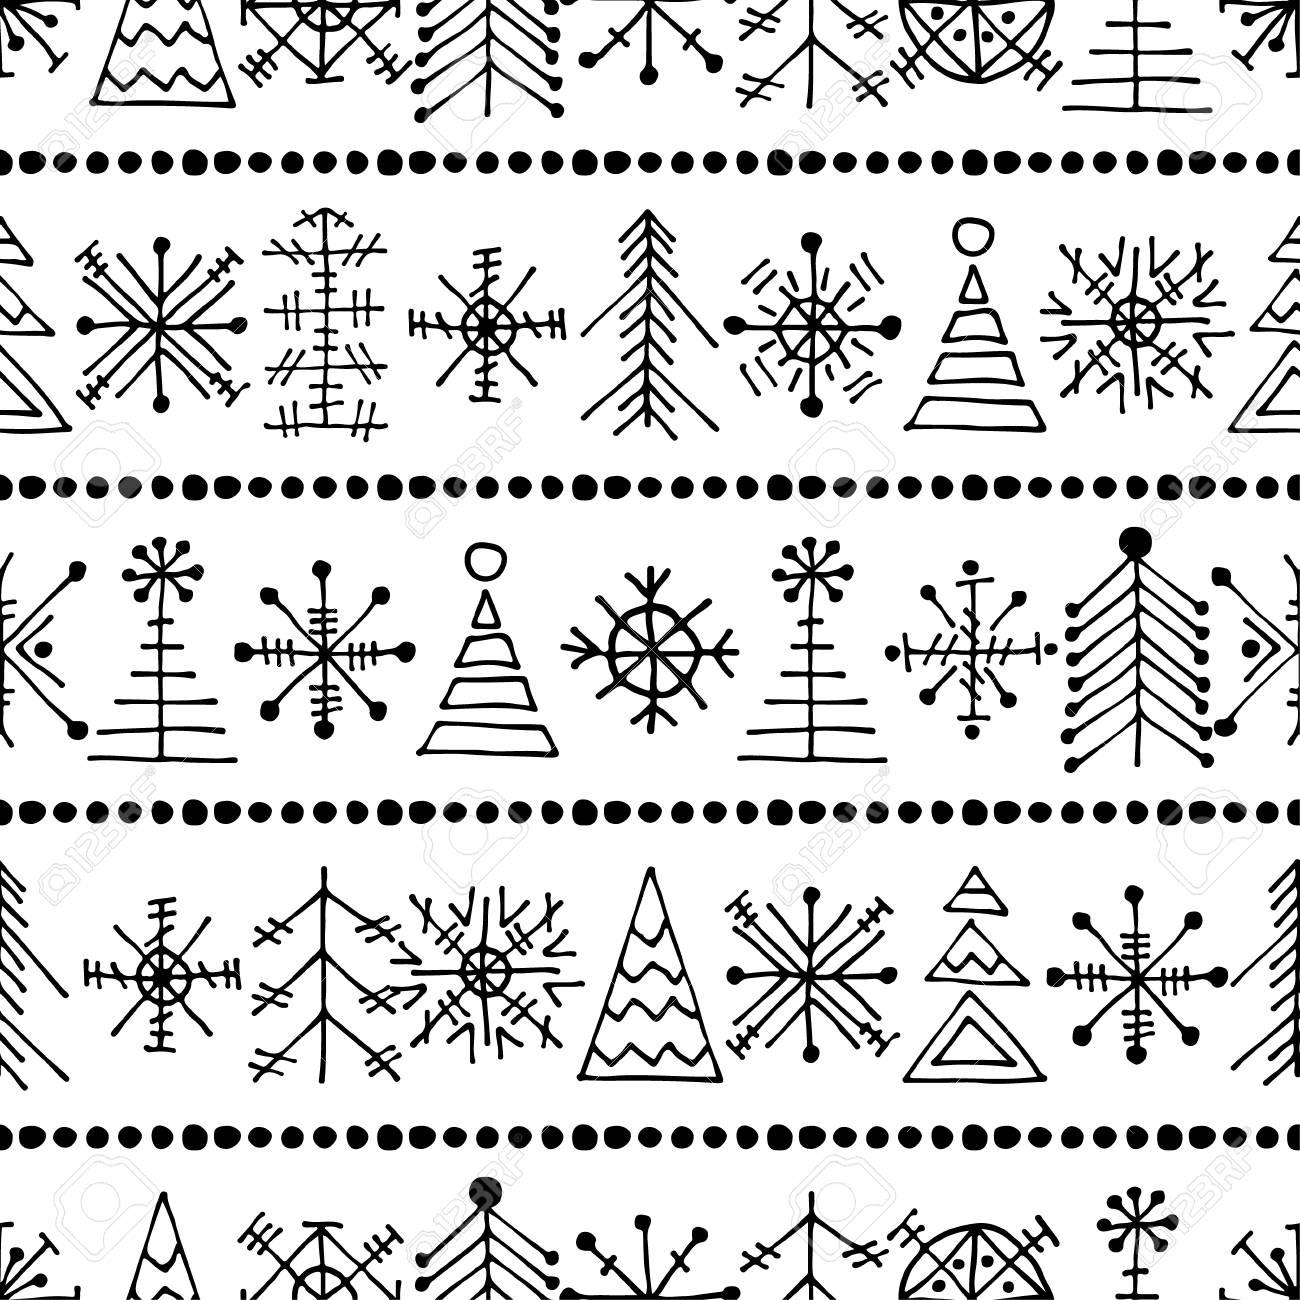 Seamless Vector Pattern Avec Des Arbres Et Des Flocons De Neige De Noël Noir Et Blanc De Fond Lhiver Avec La Main Décorative Dessiné Sapin